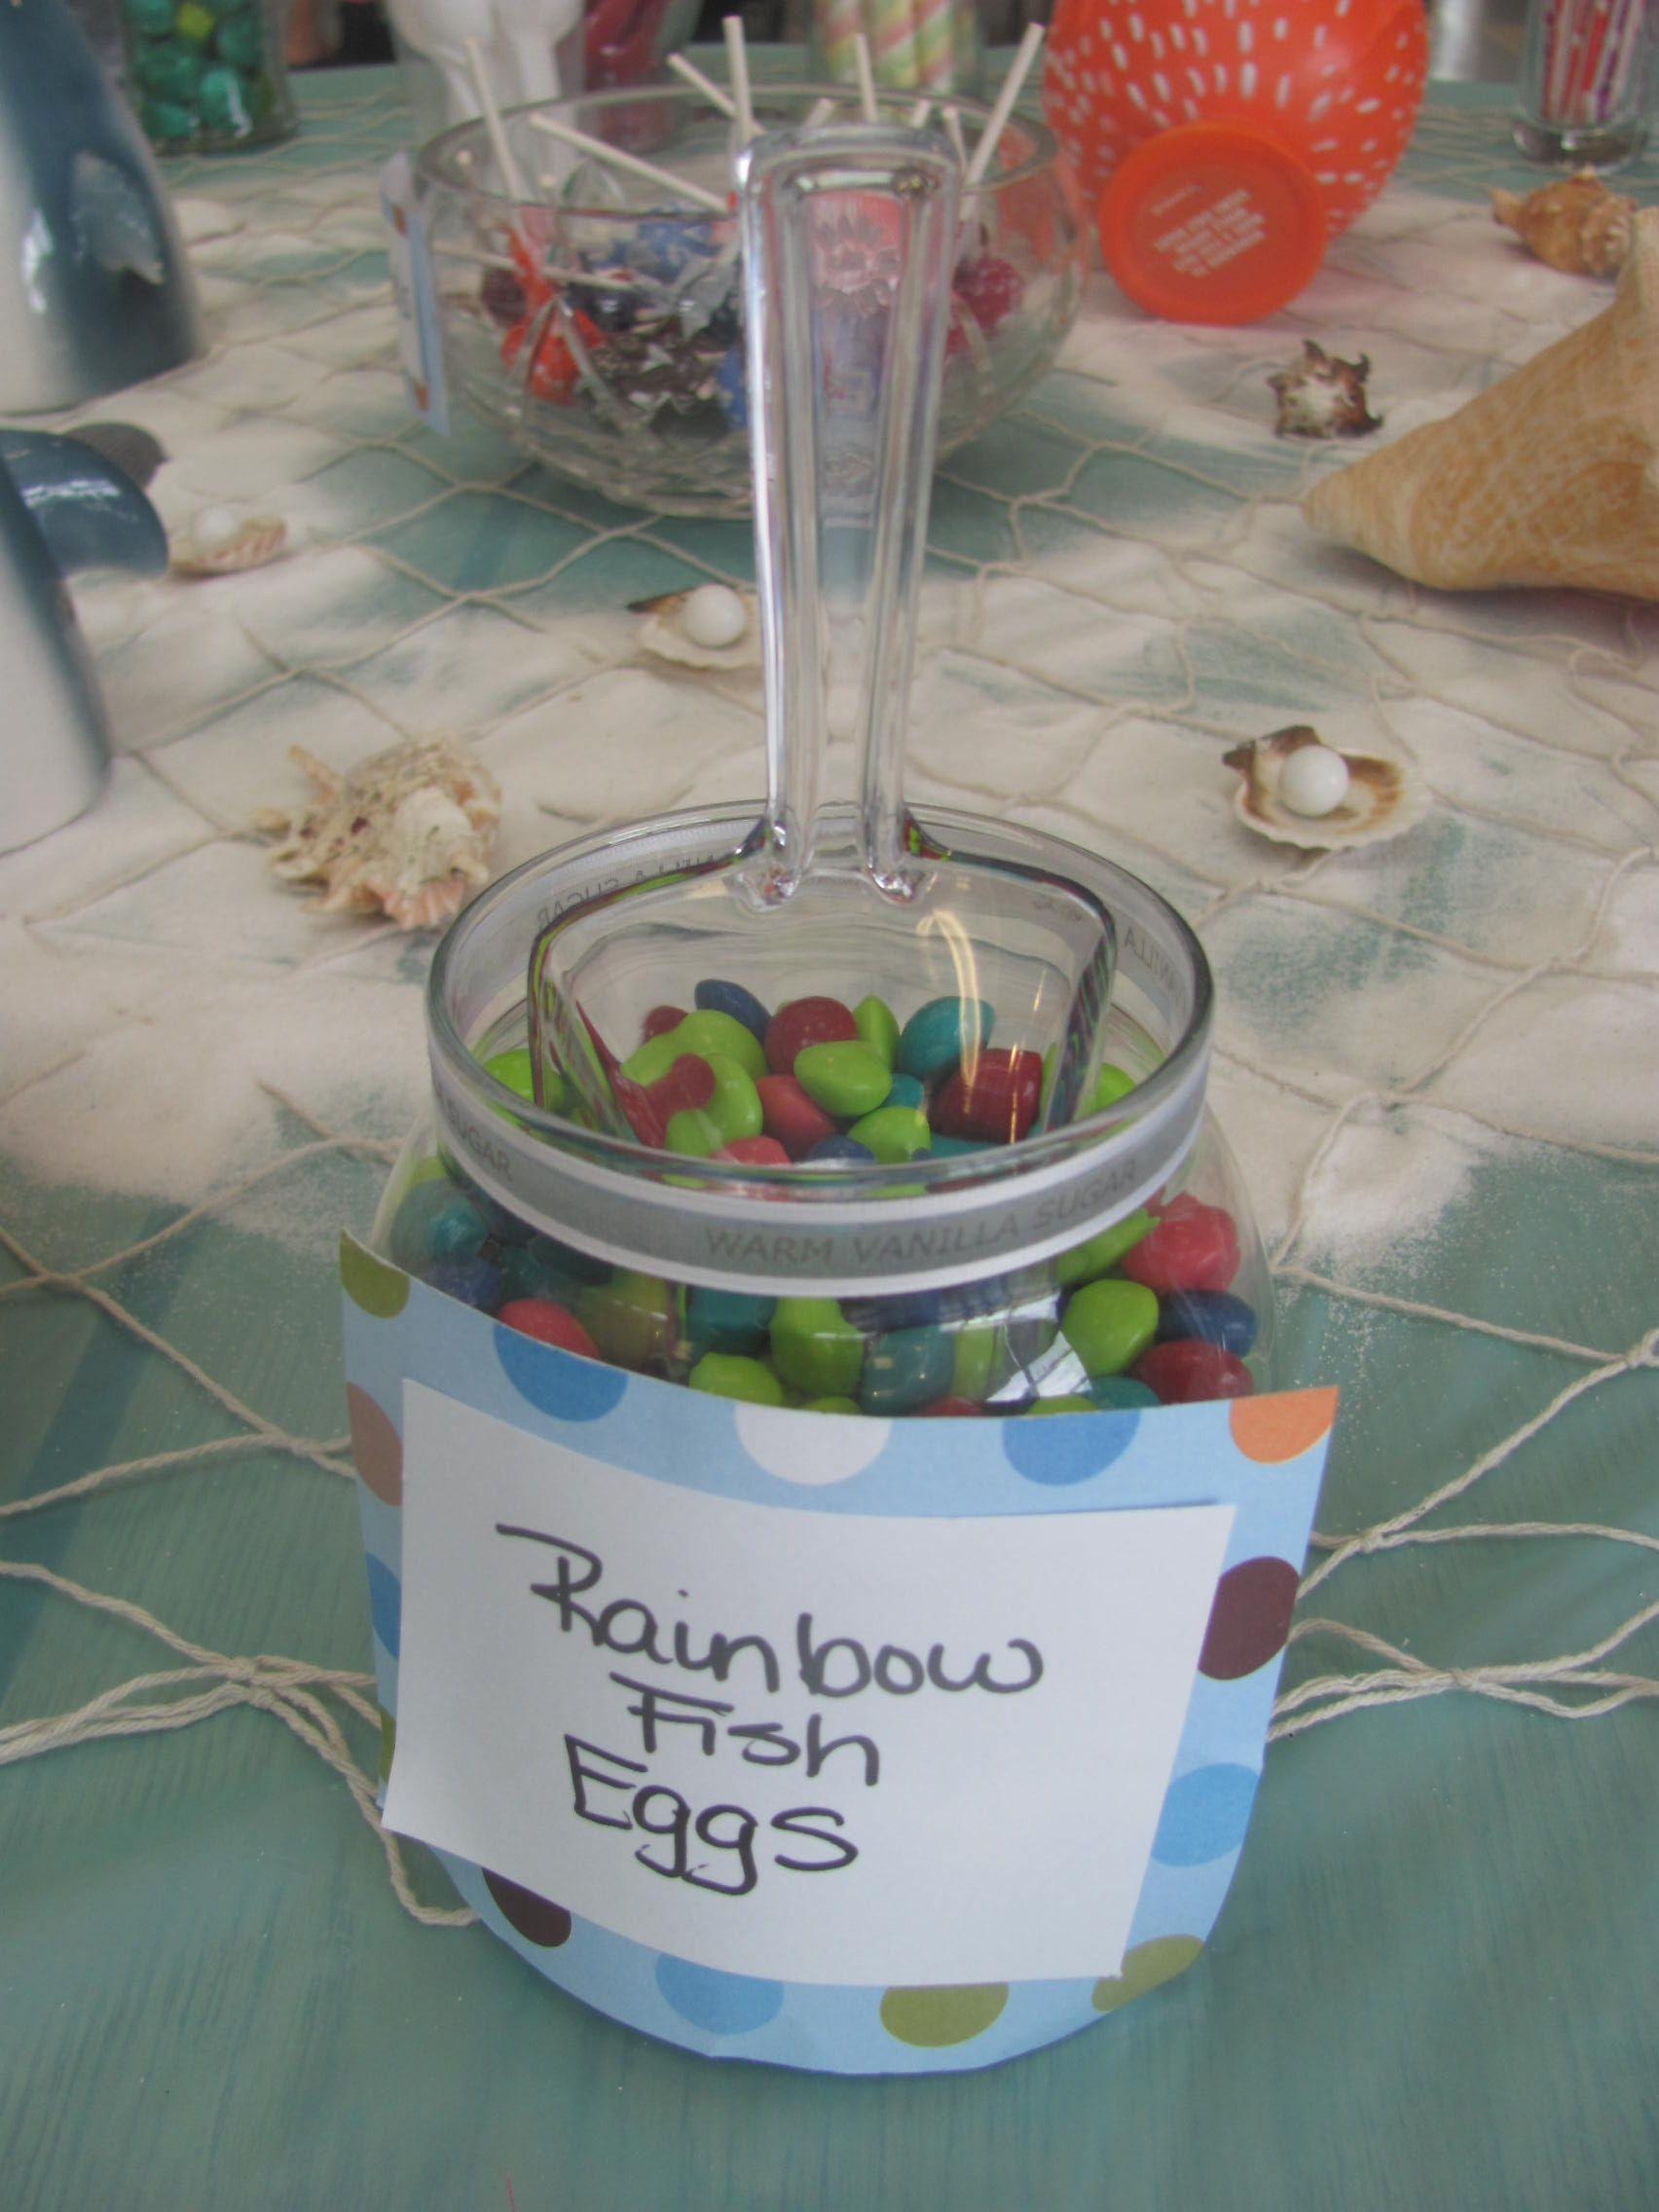 skittles rainbow fish eggs sweet 16 ideas pinterest